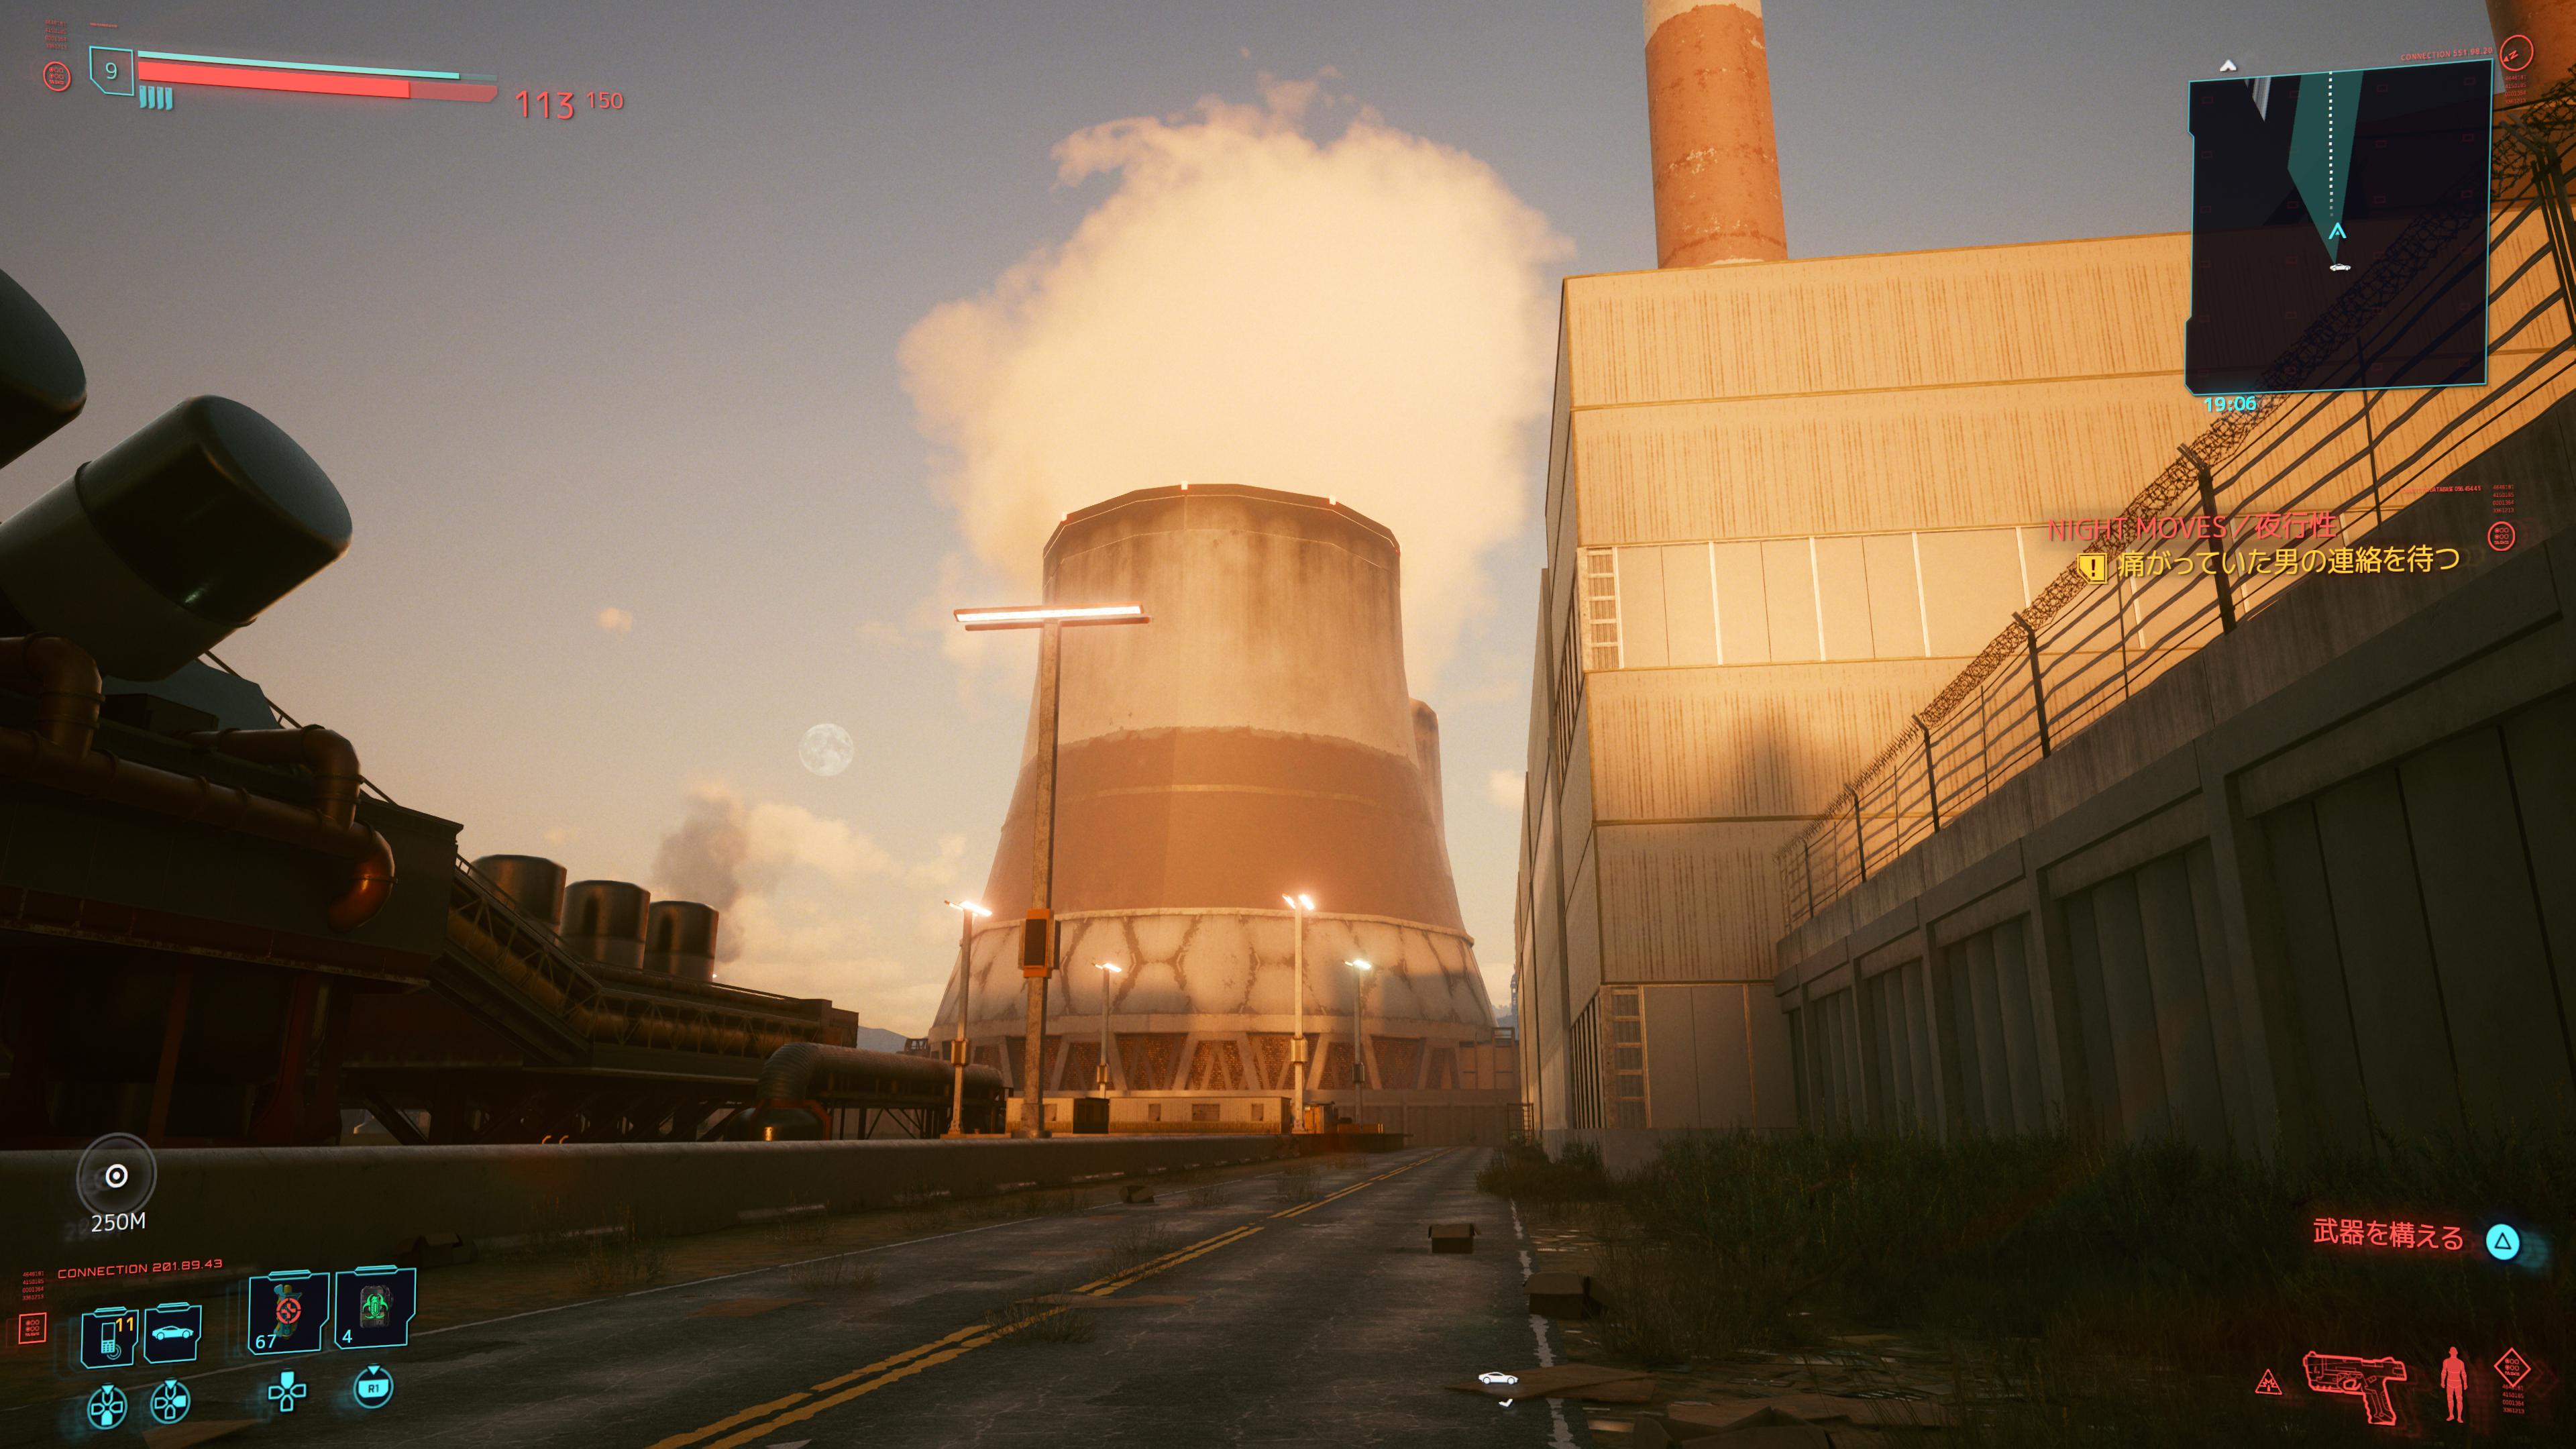 地域北側は巨大な発電所や工場がある